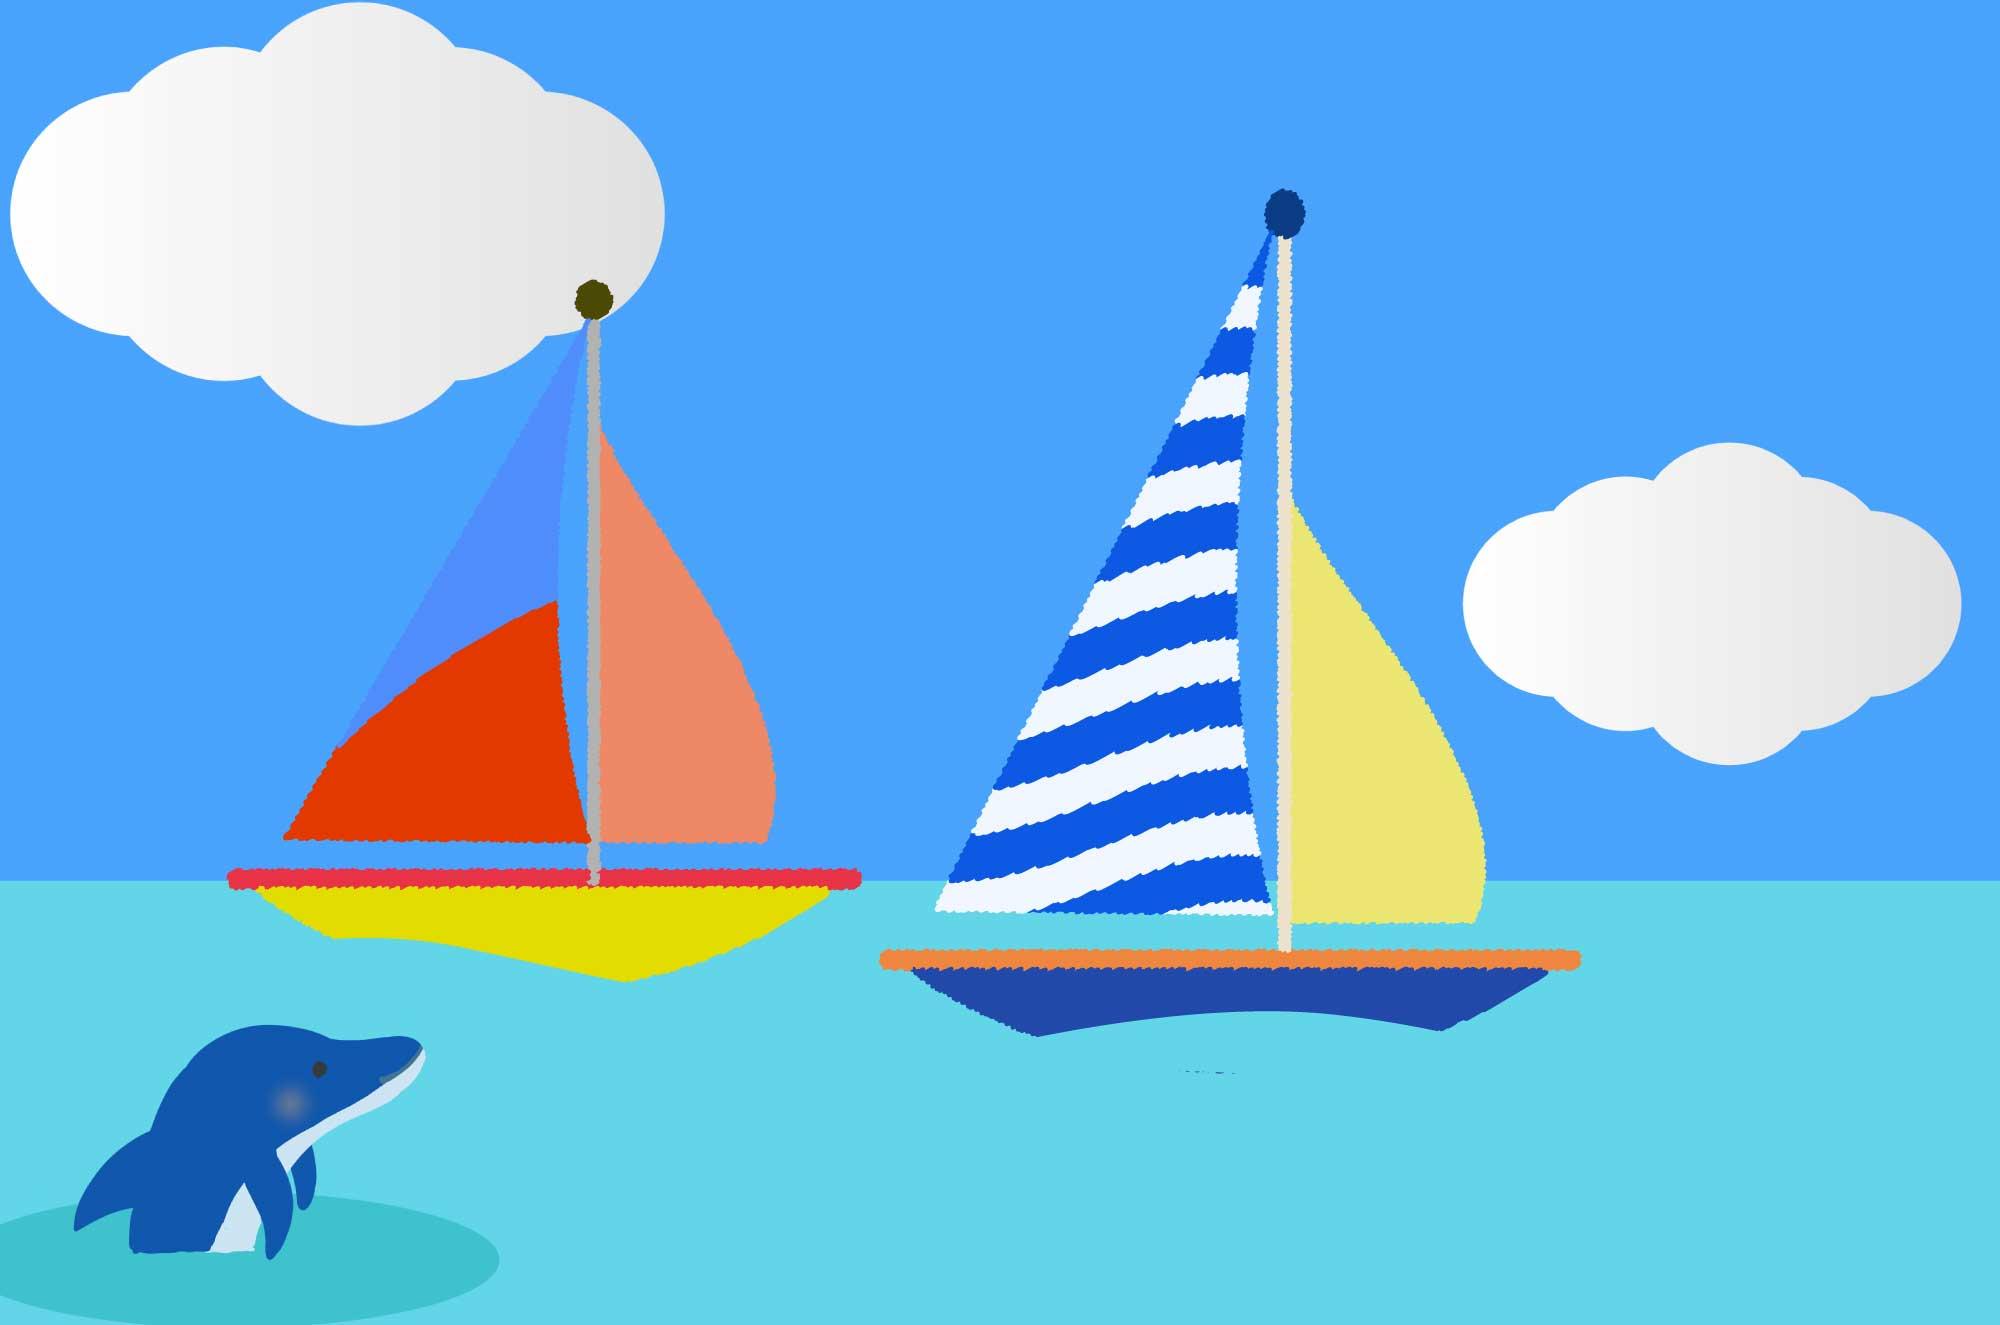 ヨットのイラスト - 可愛い海の風景無料素材